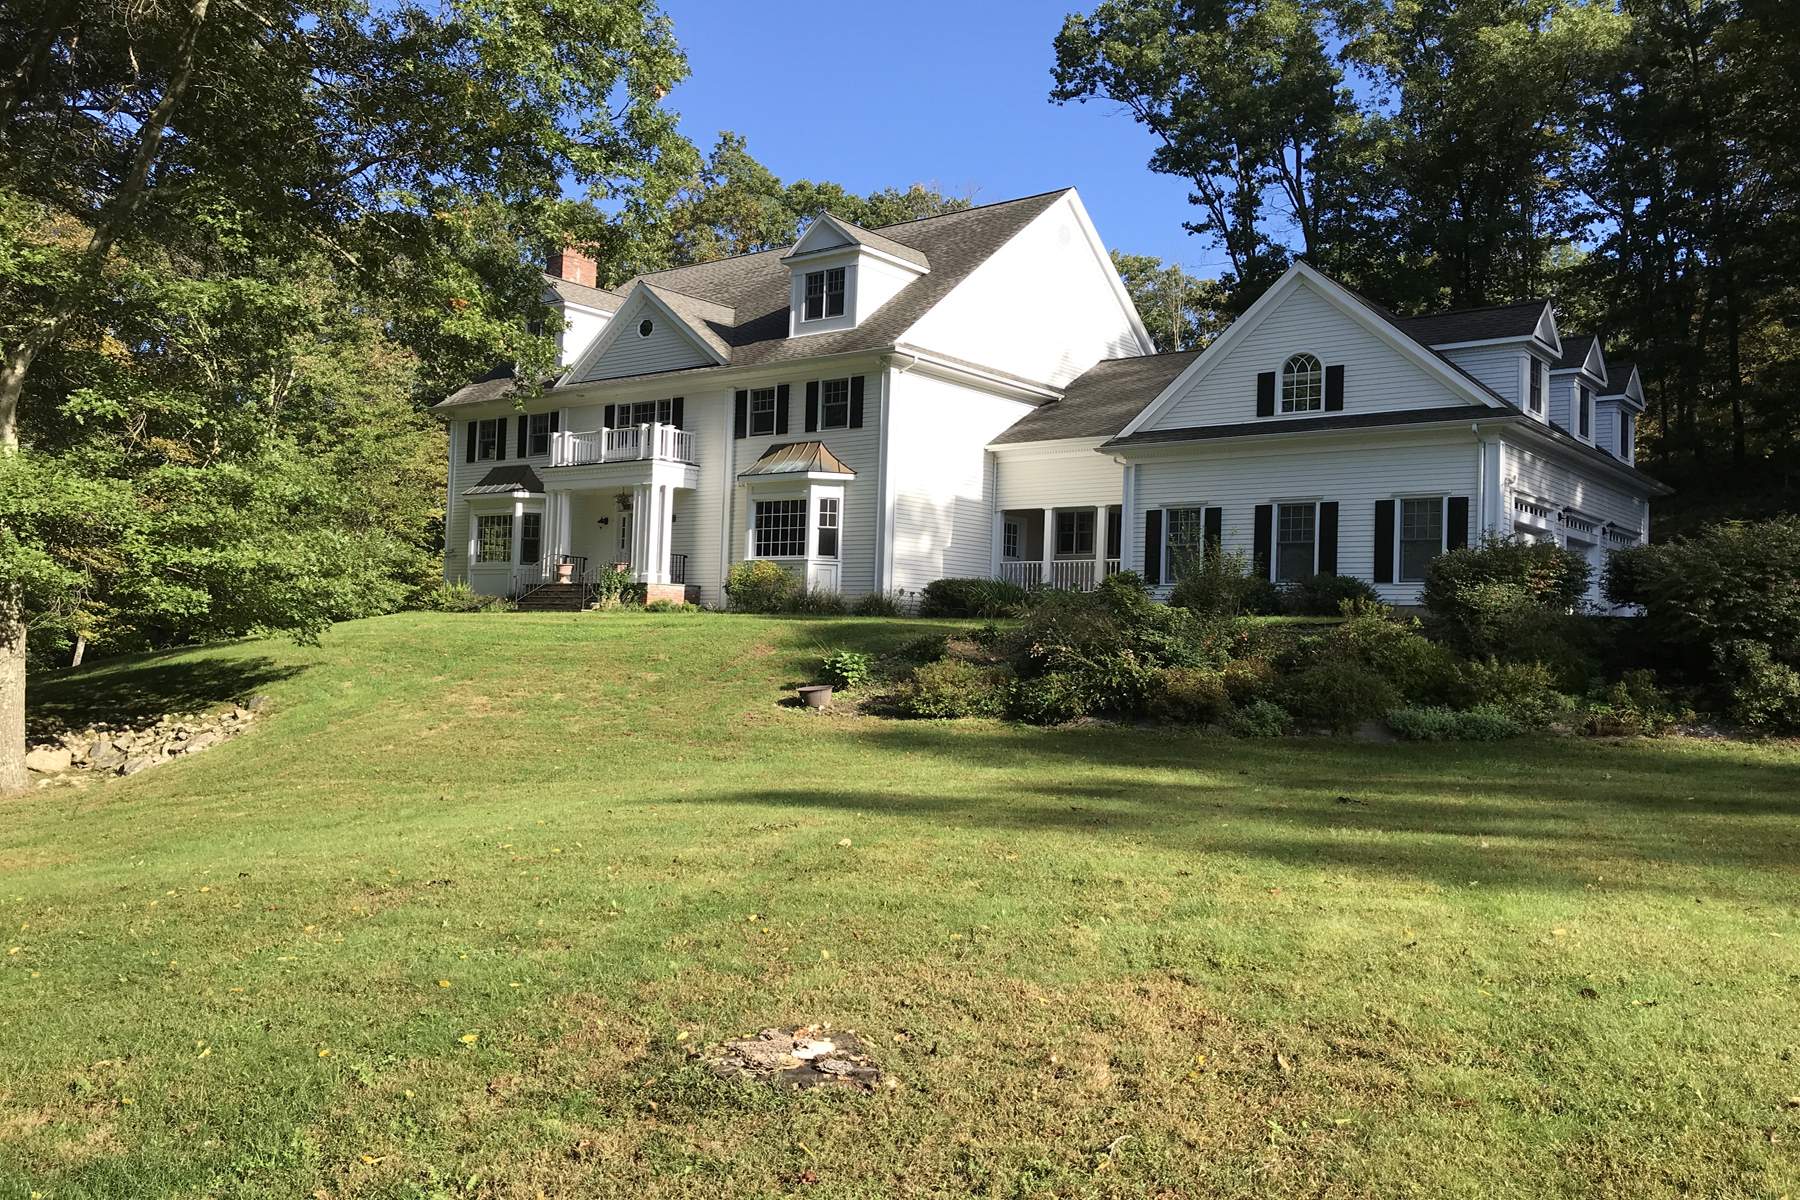 Casa Unifamiliar por un Venta en The Perfect Family Home 487 Bedford Center Road Bedford, Nueva York 10506 Estados Unidos